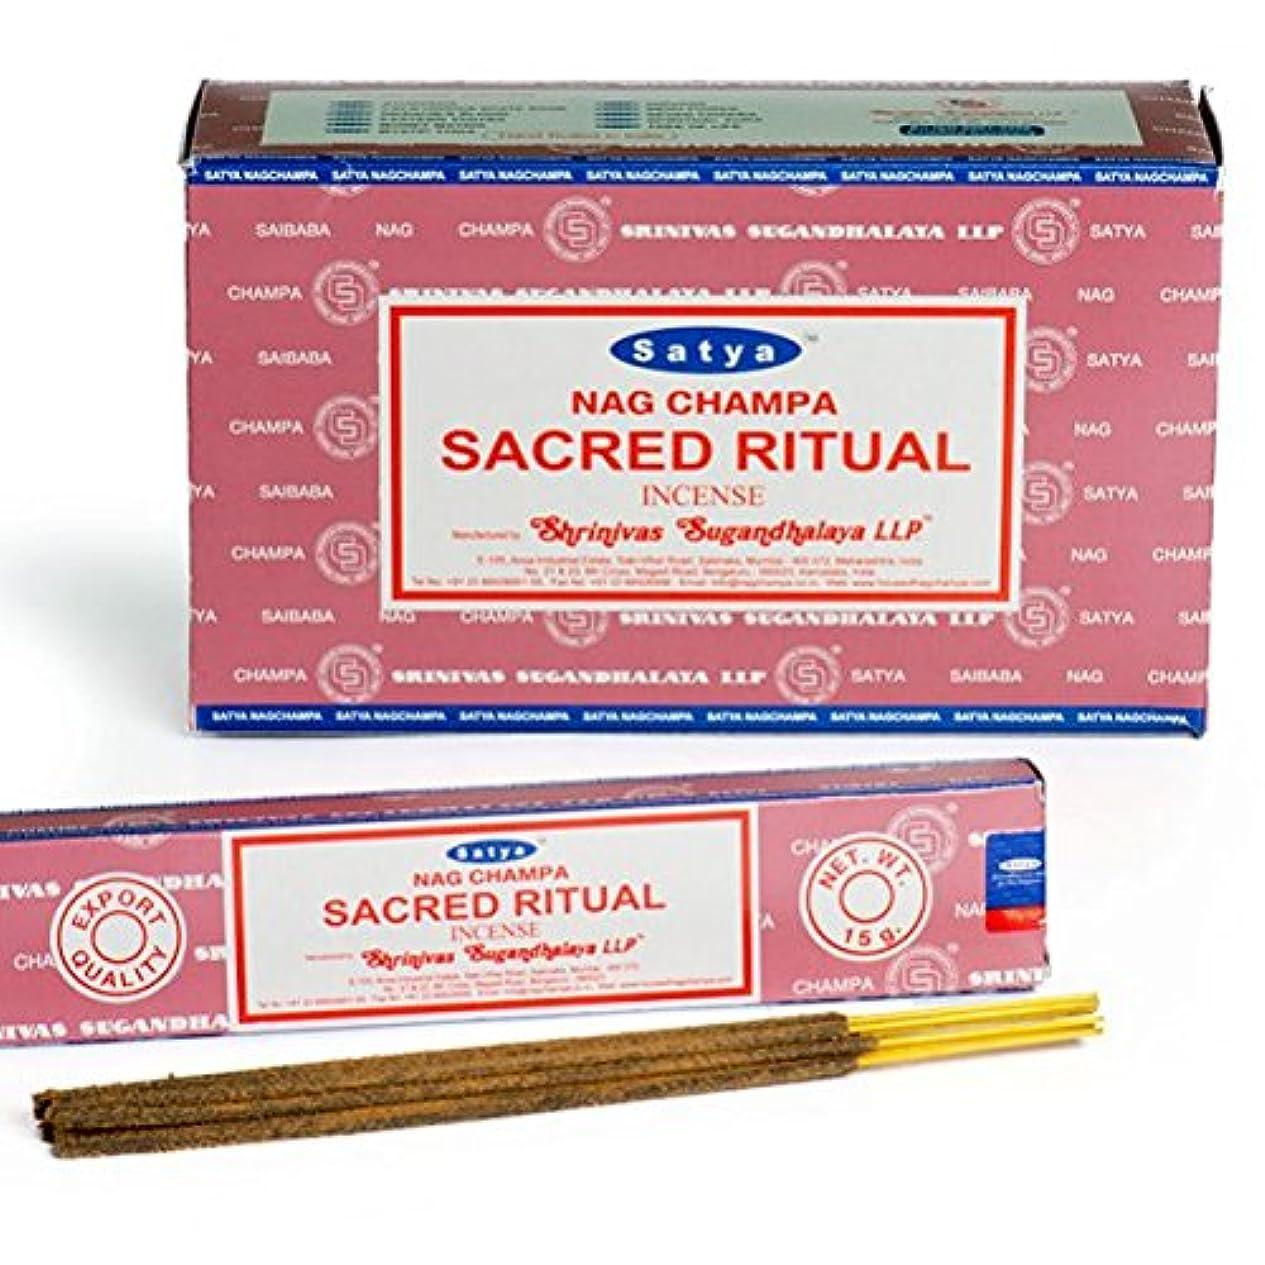 タイヤミッションボーカルSatya Nag Champa Sacred Ritual お香スティック Agarbatti 180グラムボックス | 15グラム入り12パック 箱入り | 輸出品質